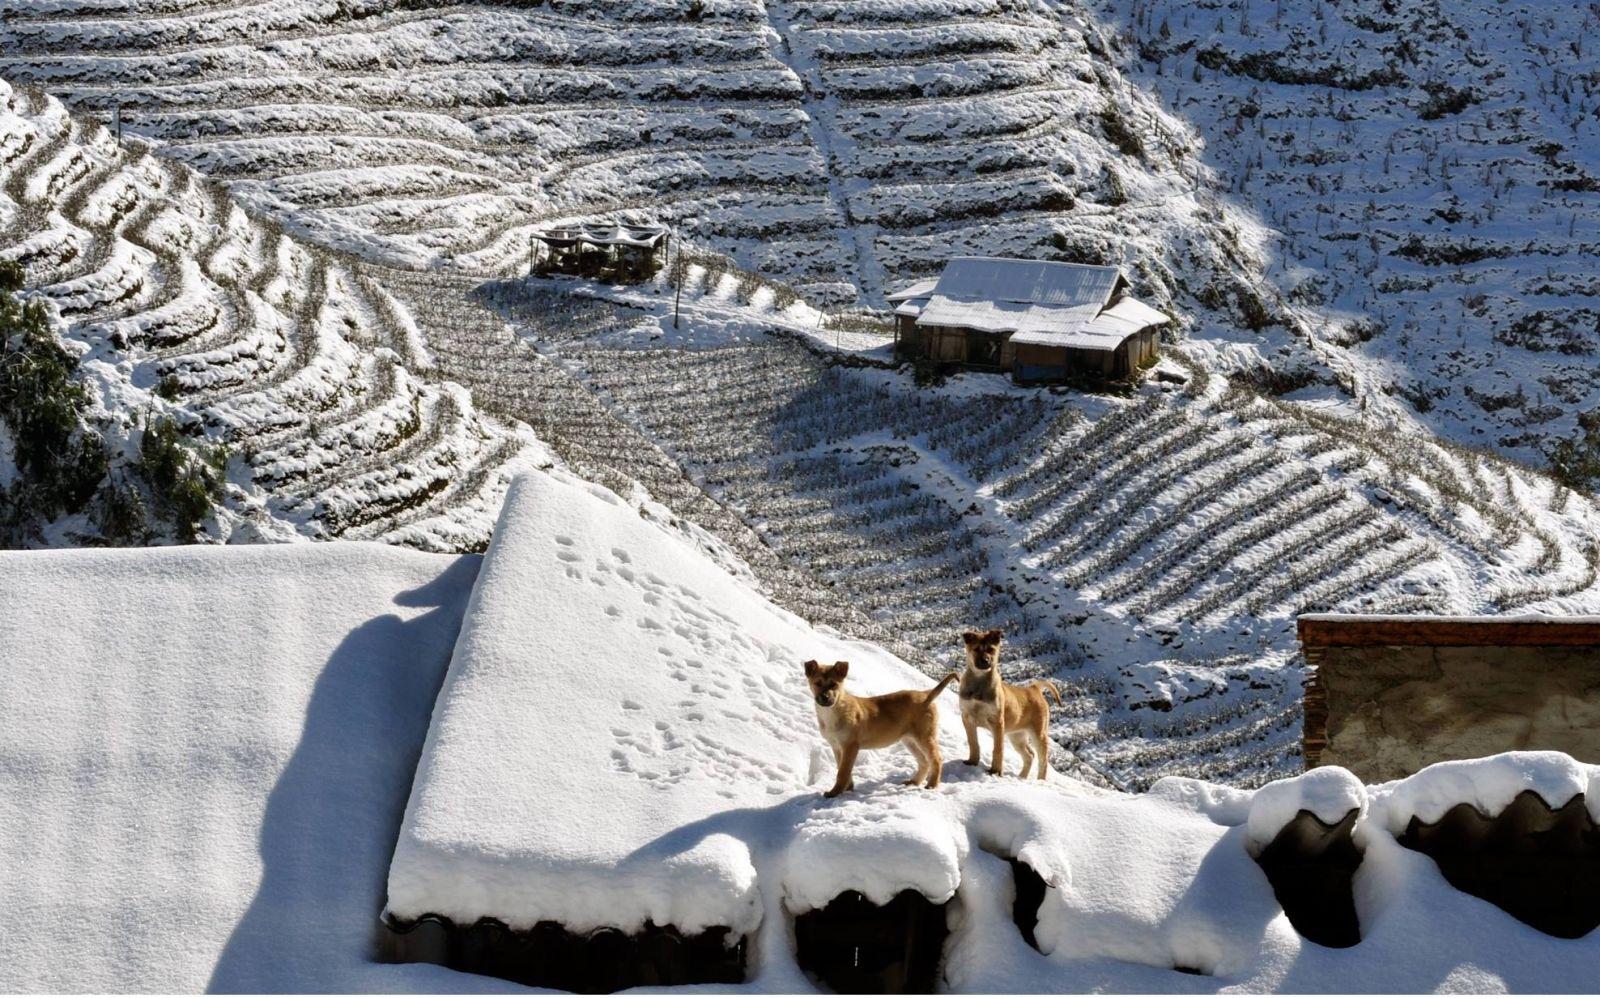 du lịch sapa – achautravel.com.vn - ảnh 3.